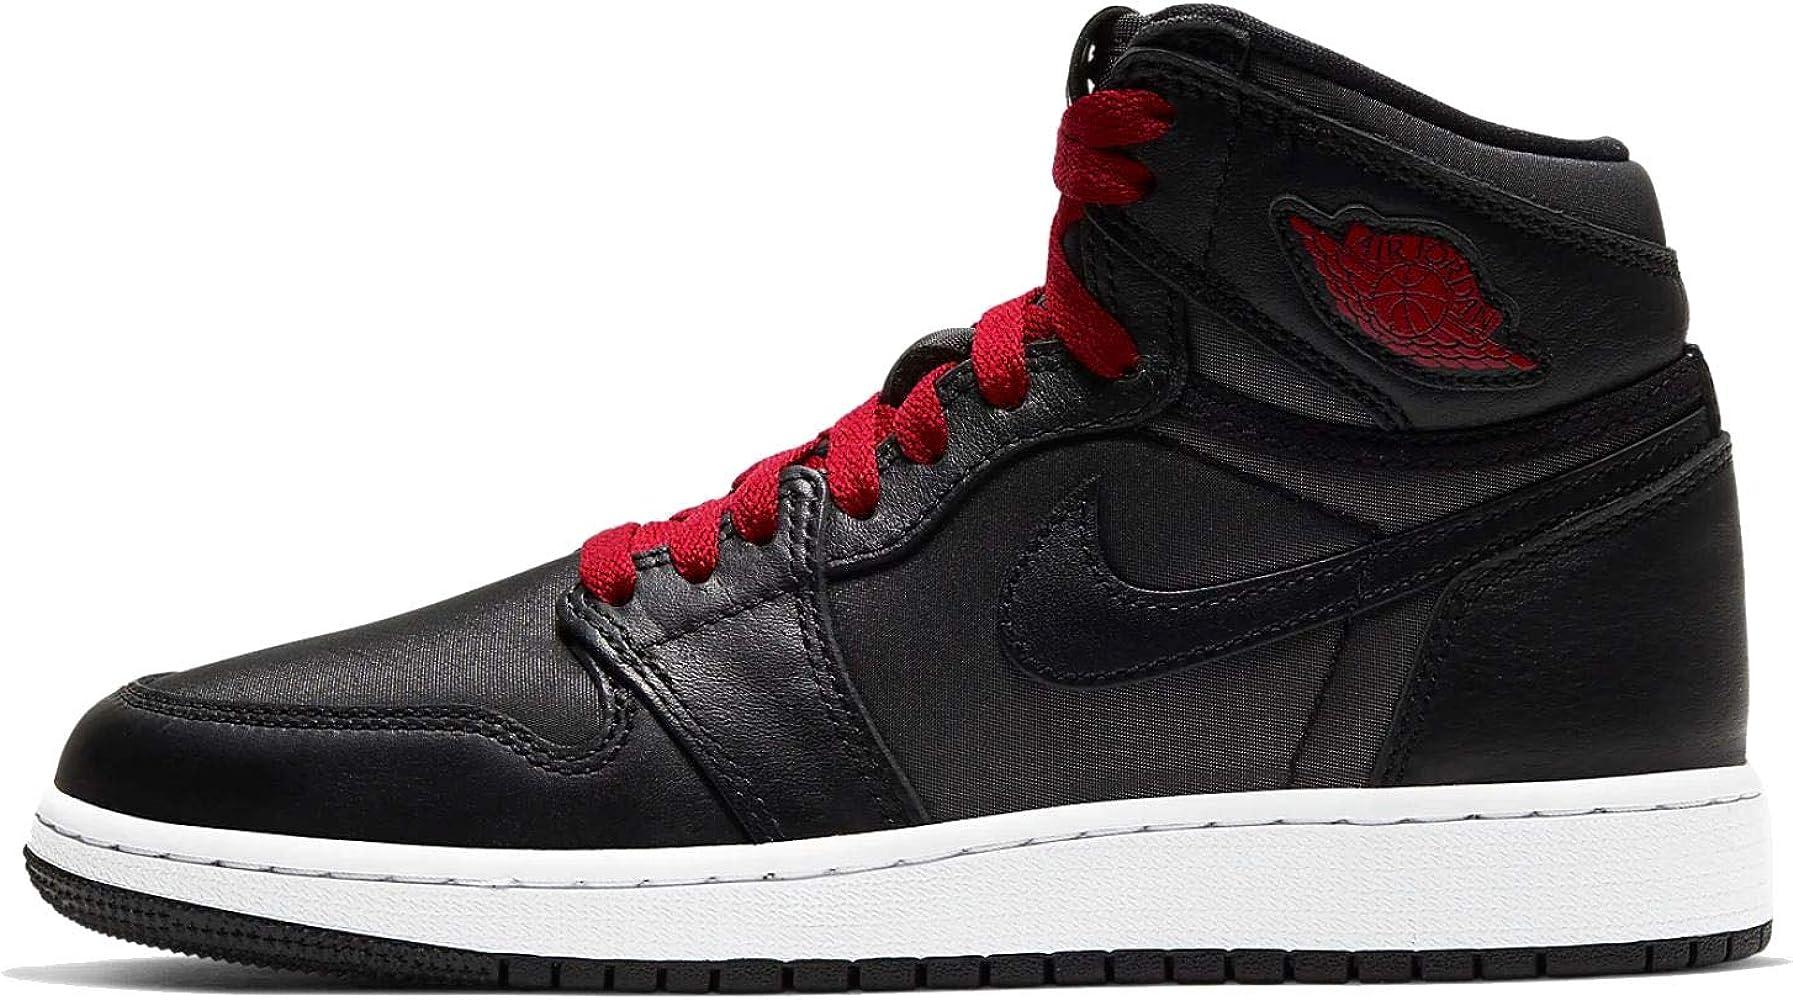 Nike Air Jordan 1 I High OG